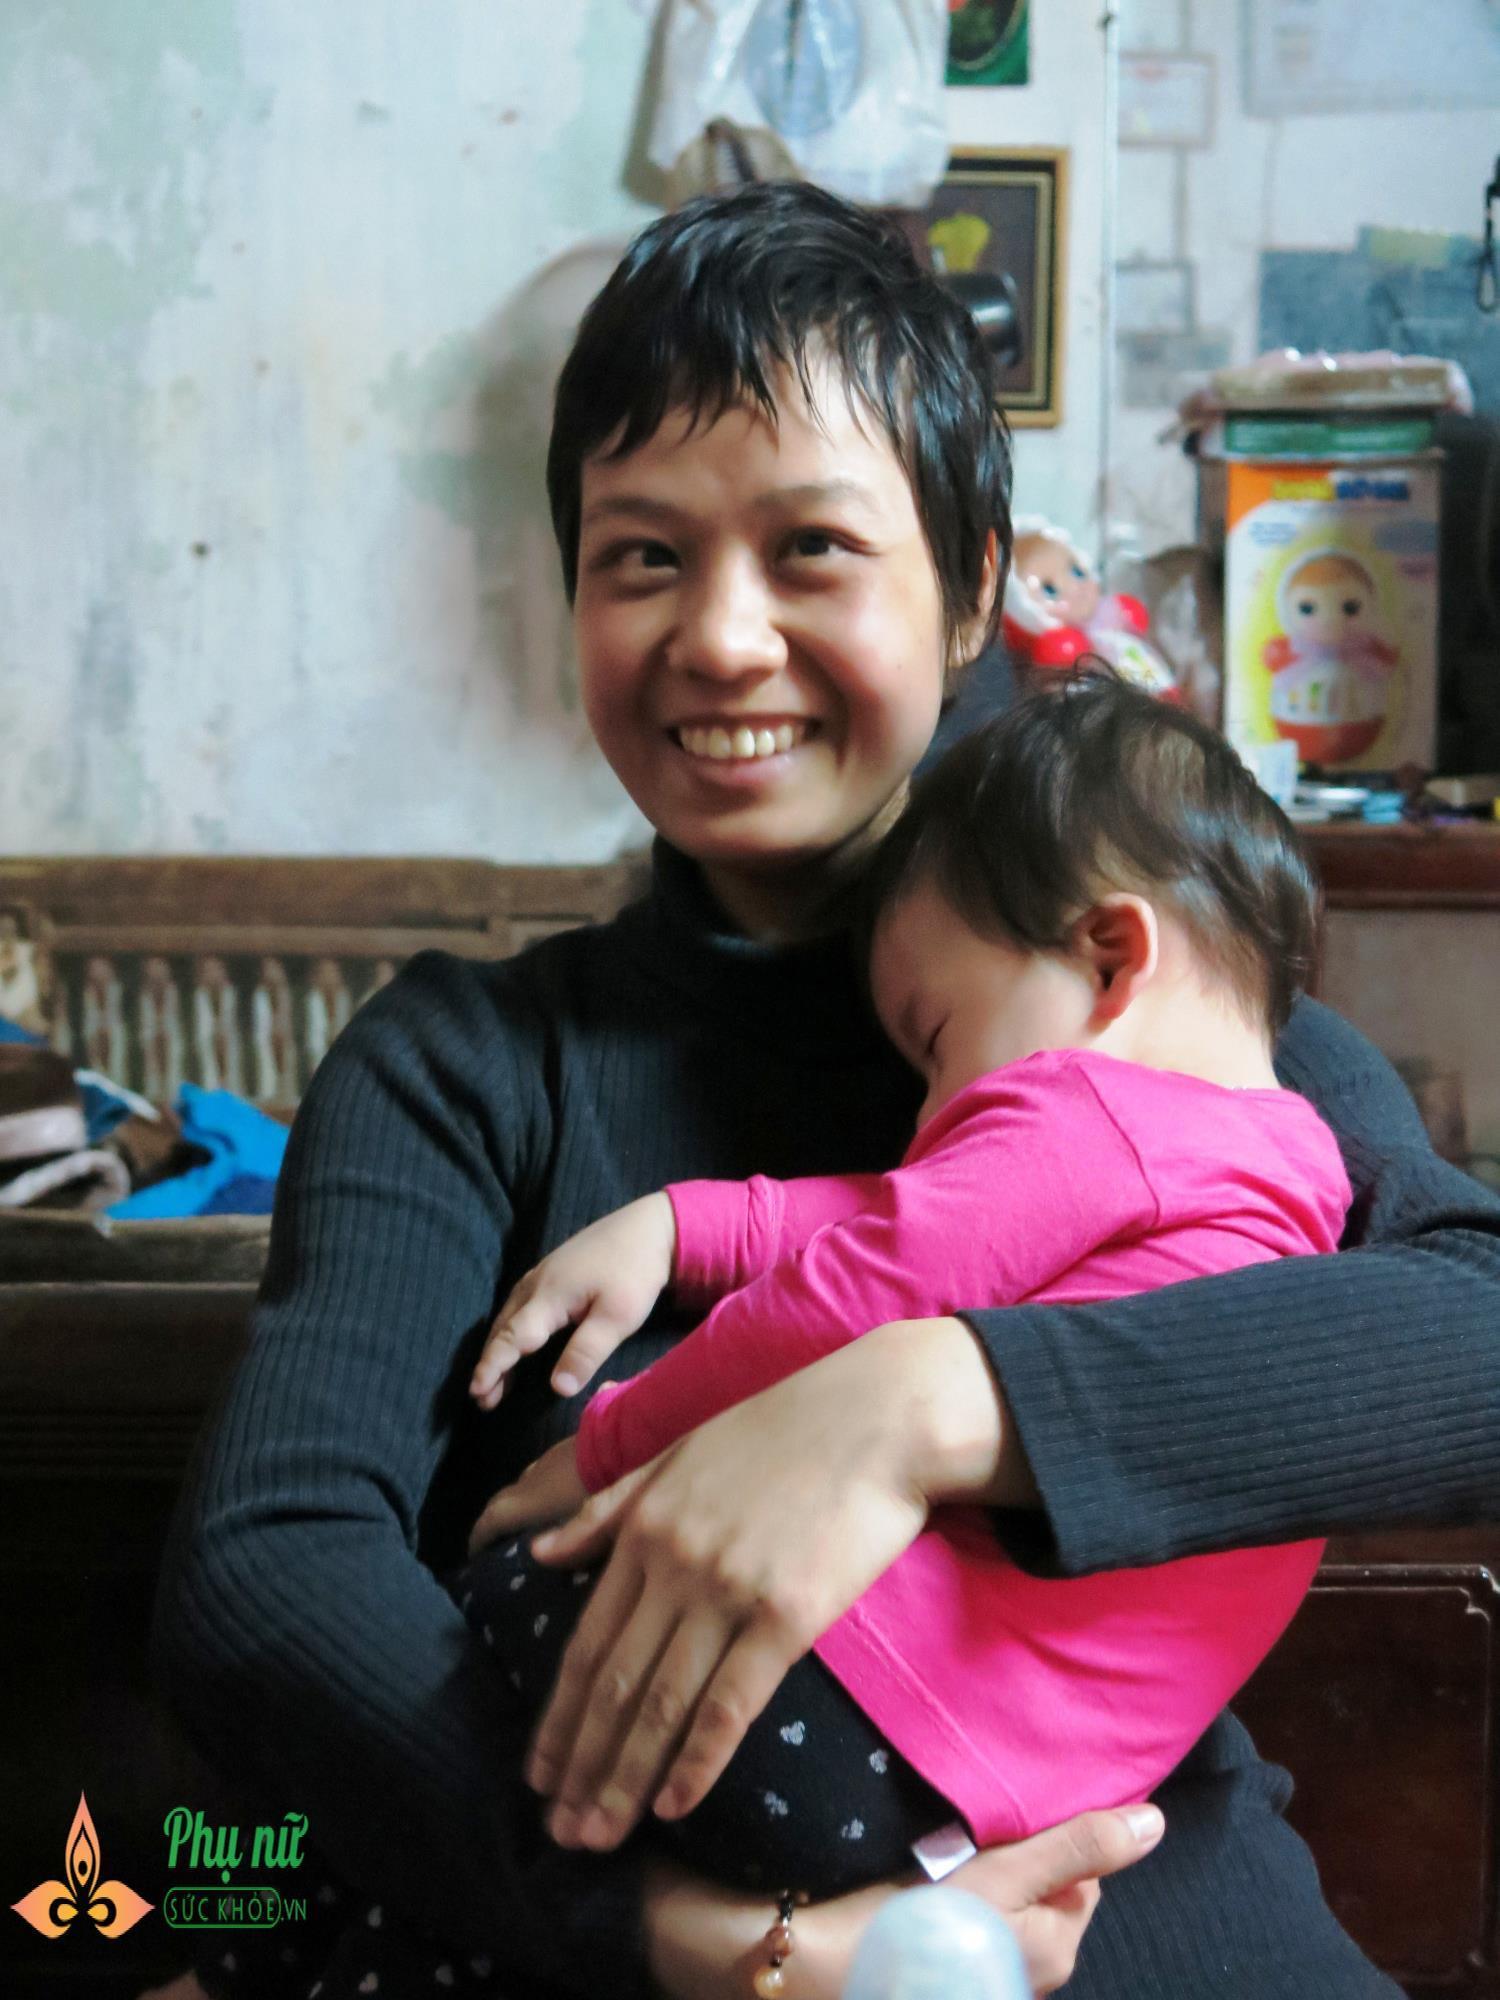 Nghẹn lòng mẹ ung thư nhường hết sự sống cho thai nhi trong bụng - Chỉ có thể là mẹ mới làm được điều phi thường ấy! - Ảnh 7